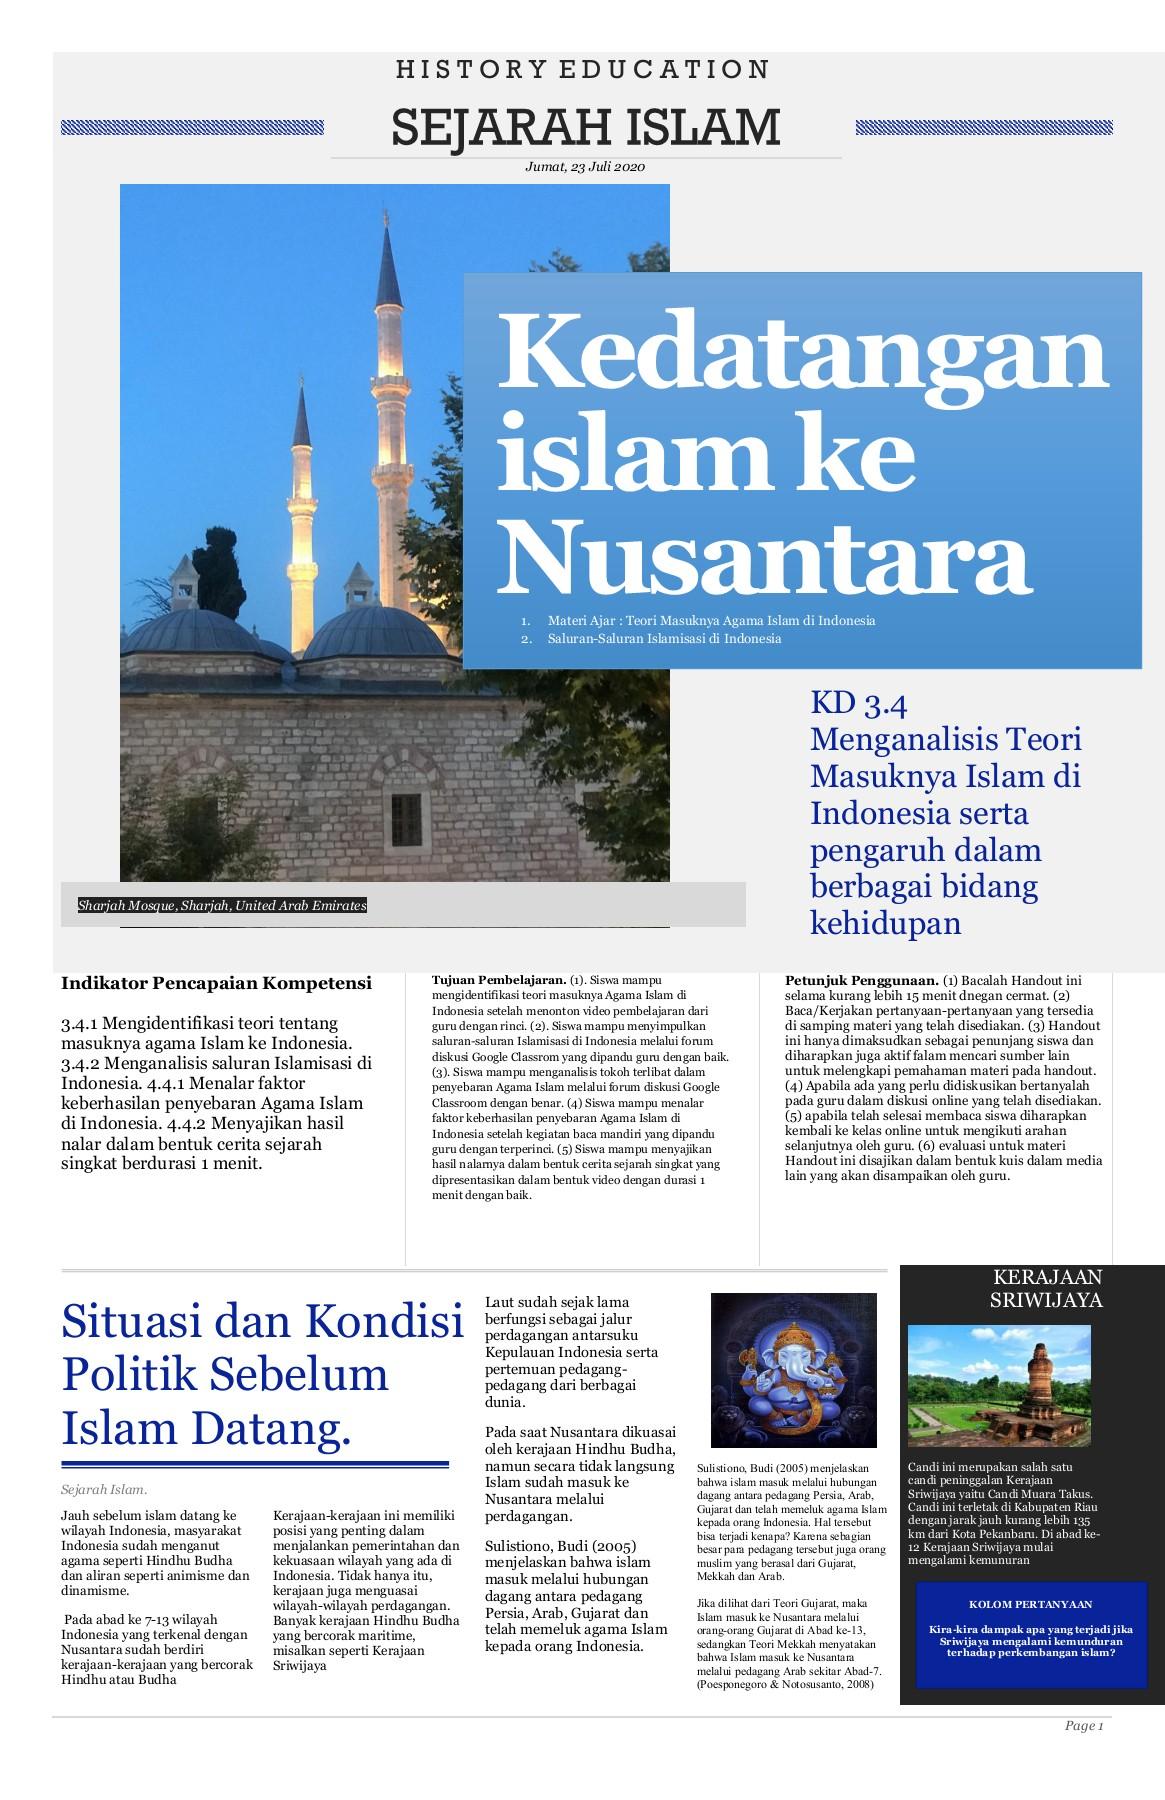 Sejarah Singkat Kerajaan Islam Di Indonesia : sejarah, singkat, kerajaan, islam, indonesia, Handout, Sejarah